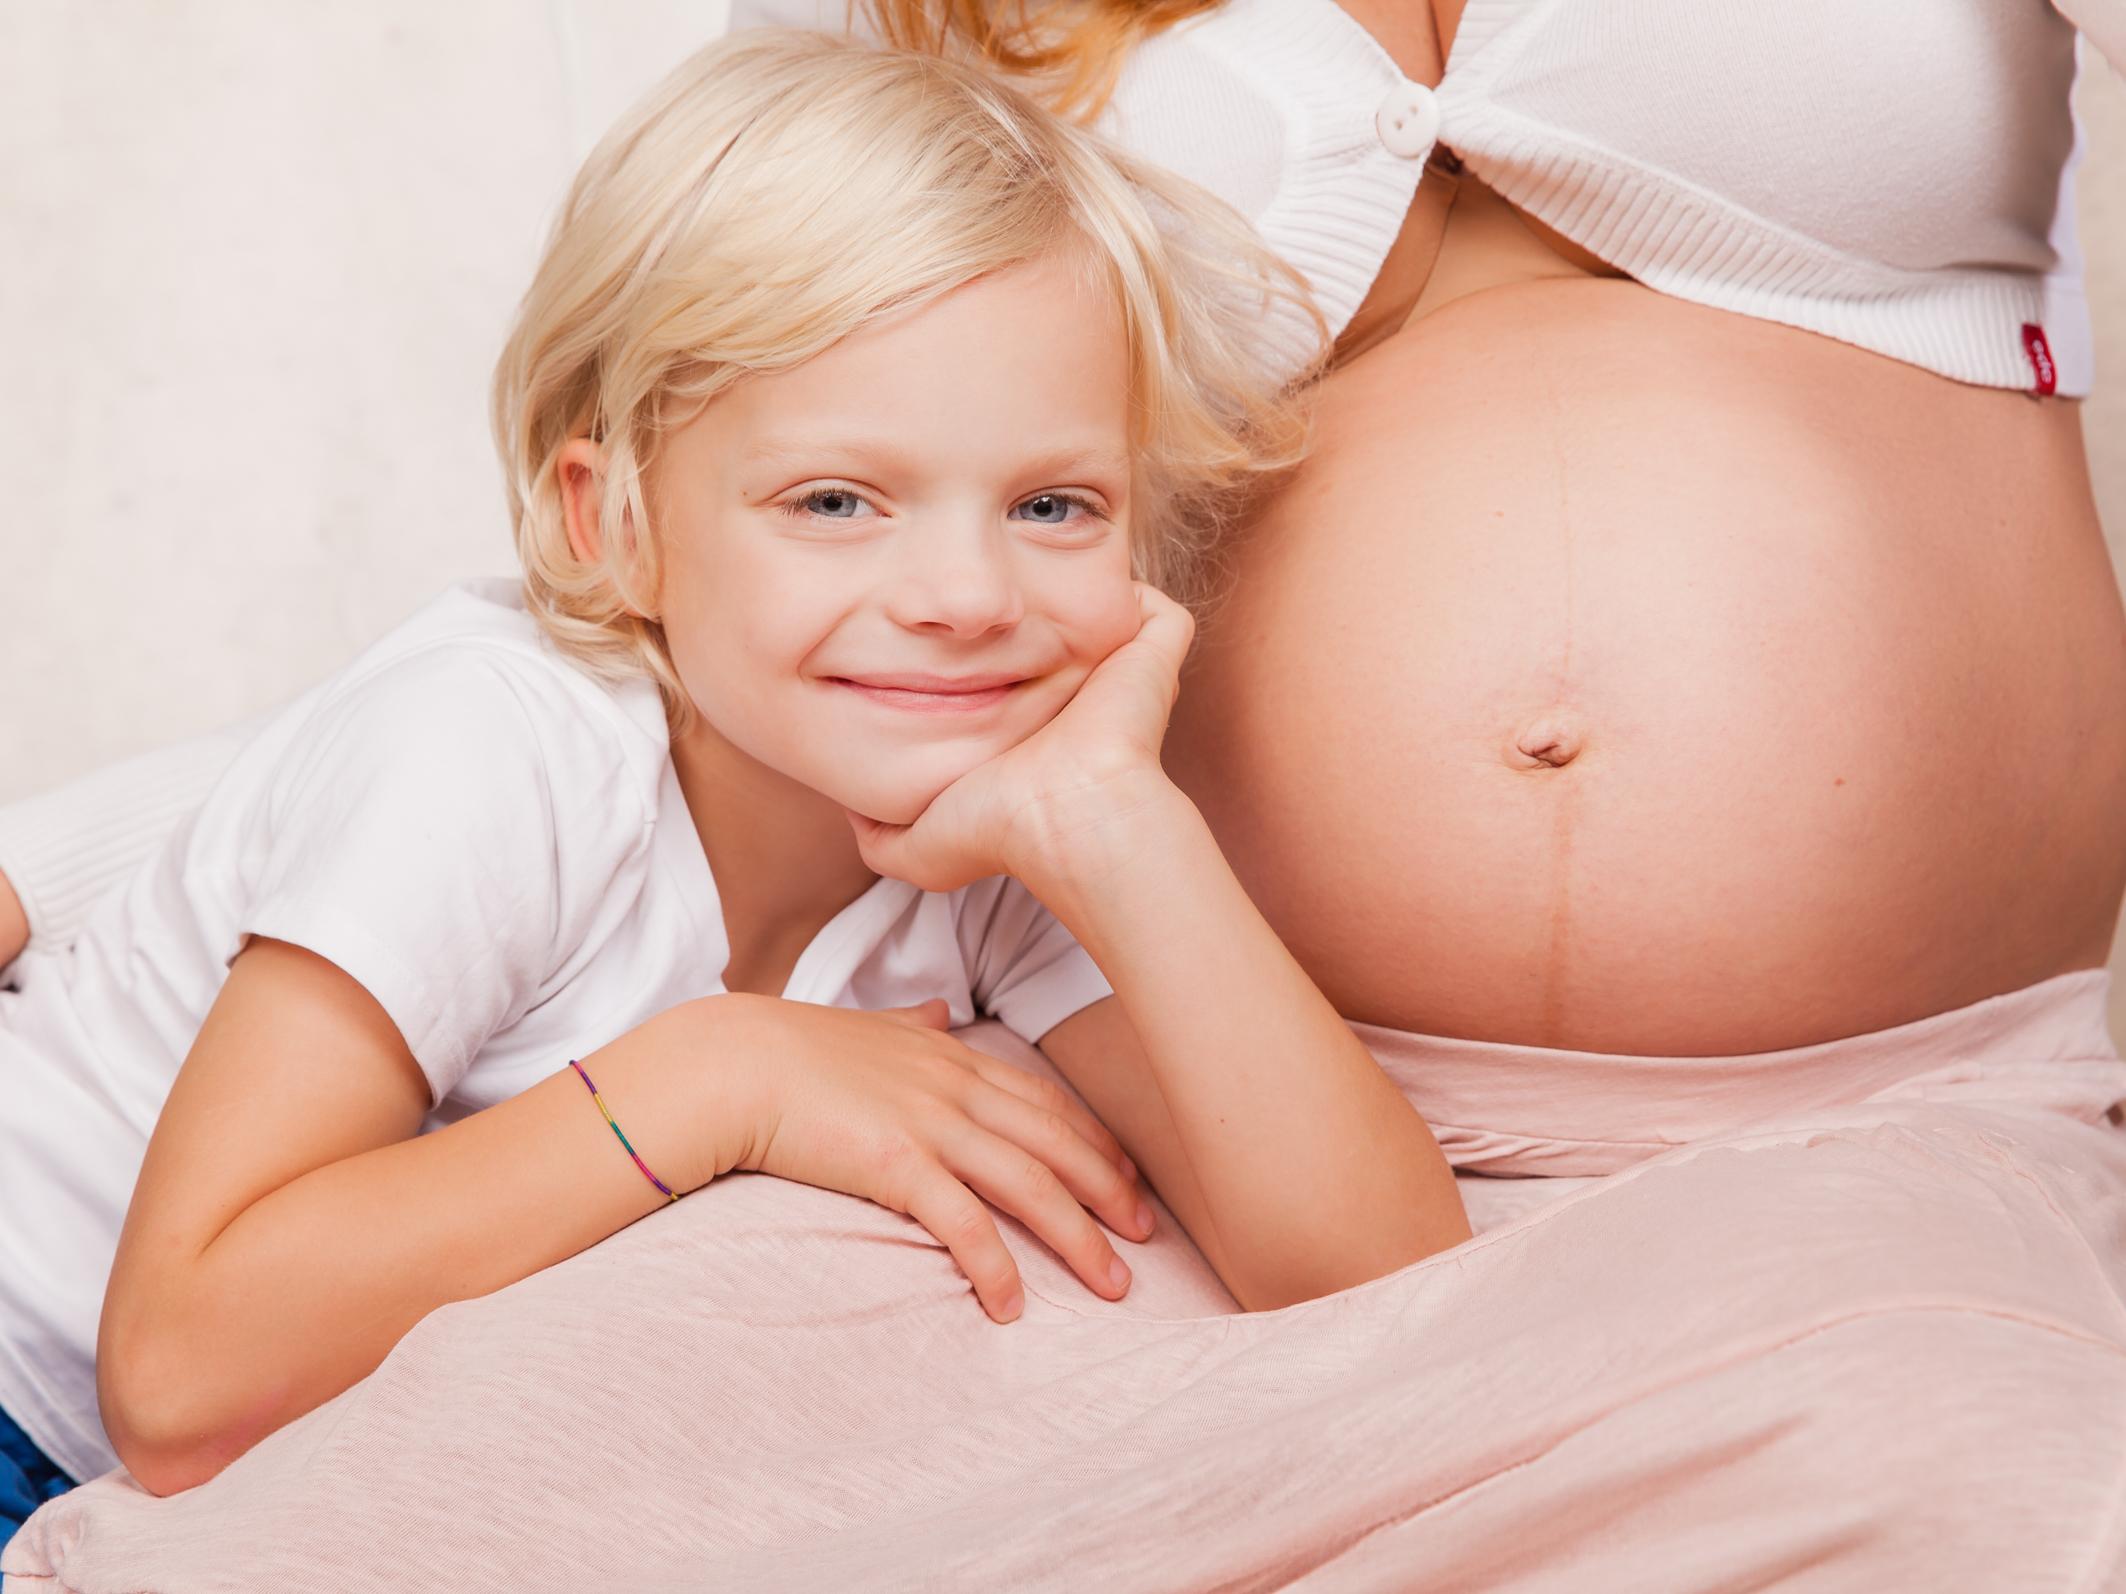 Babybauch Schwangerschaft Fotos Kinder Familien Fotoshooting Neugeborenen Fotostudio Berlin